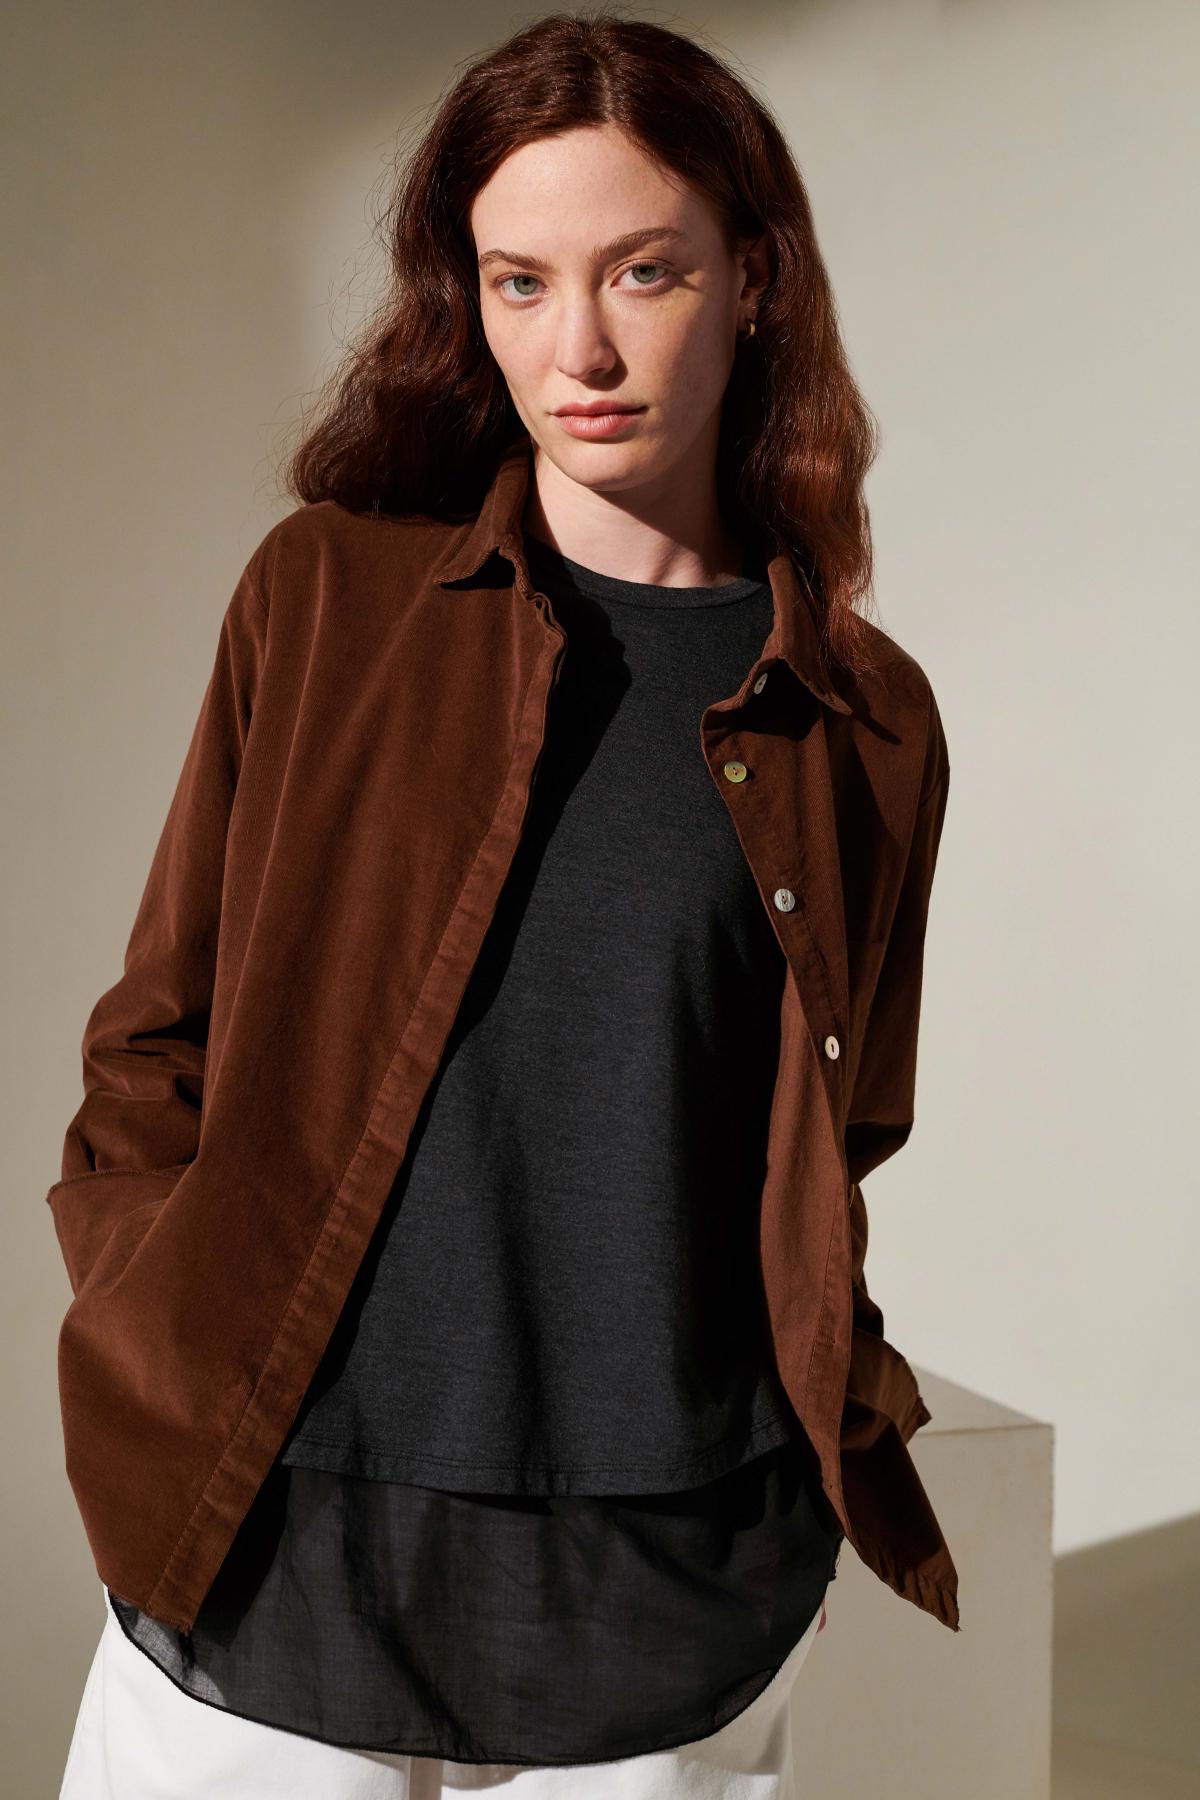 style FERDIFEEL sweatshirt  style TABATAJLAN ts